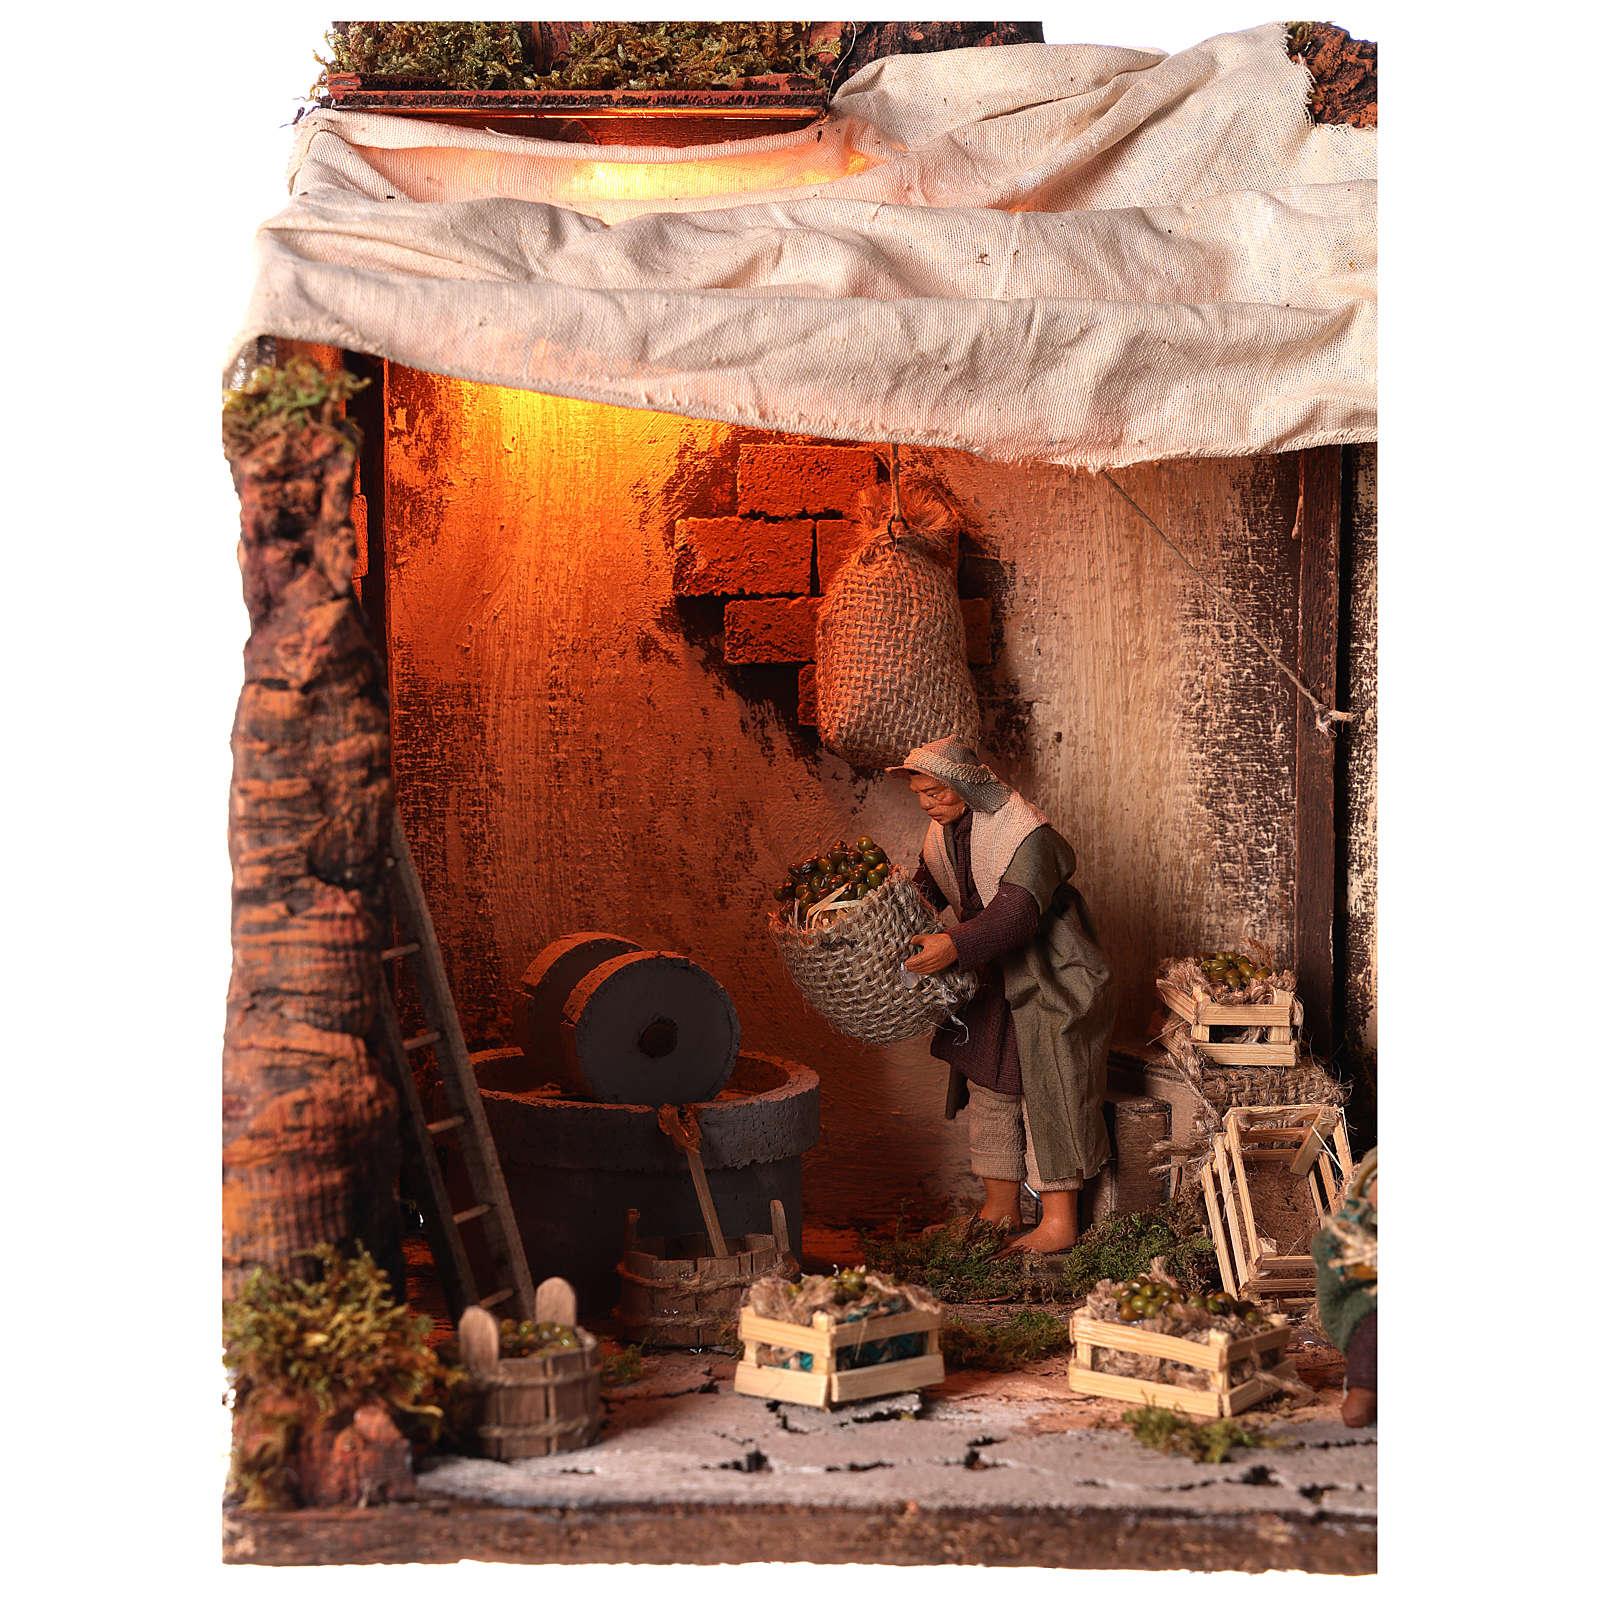 Animated nativity scene, oil mill scene 12 cm 4